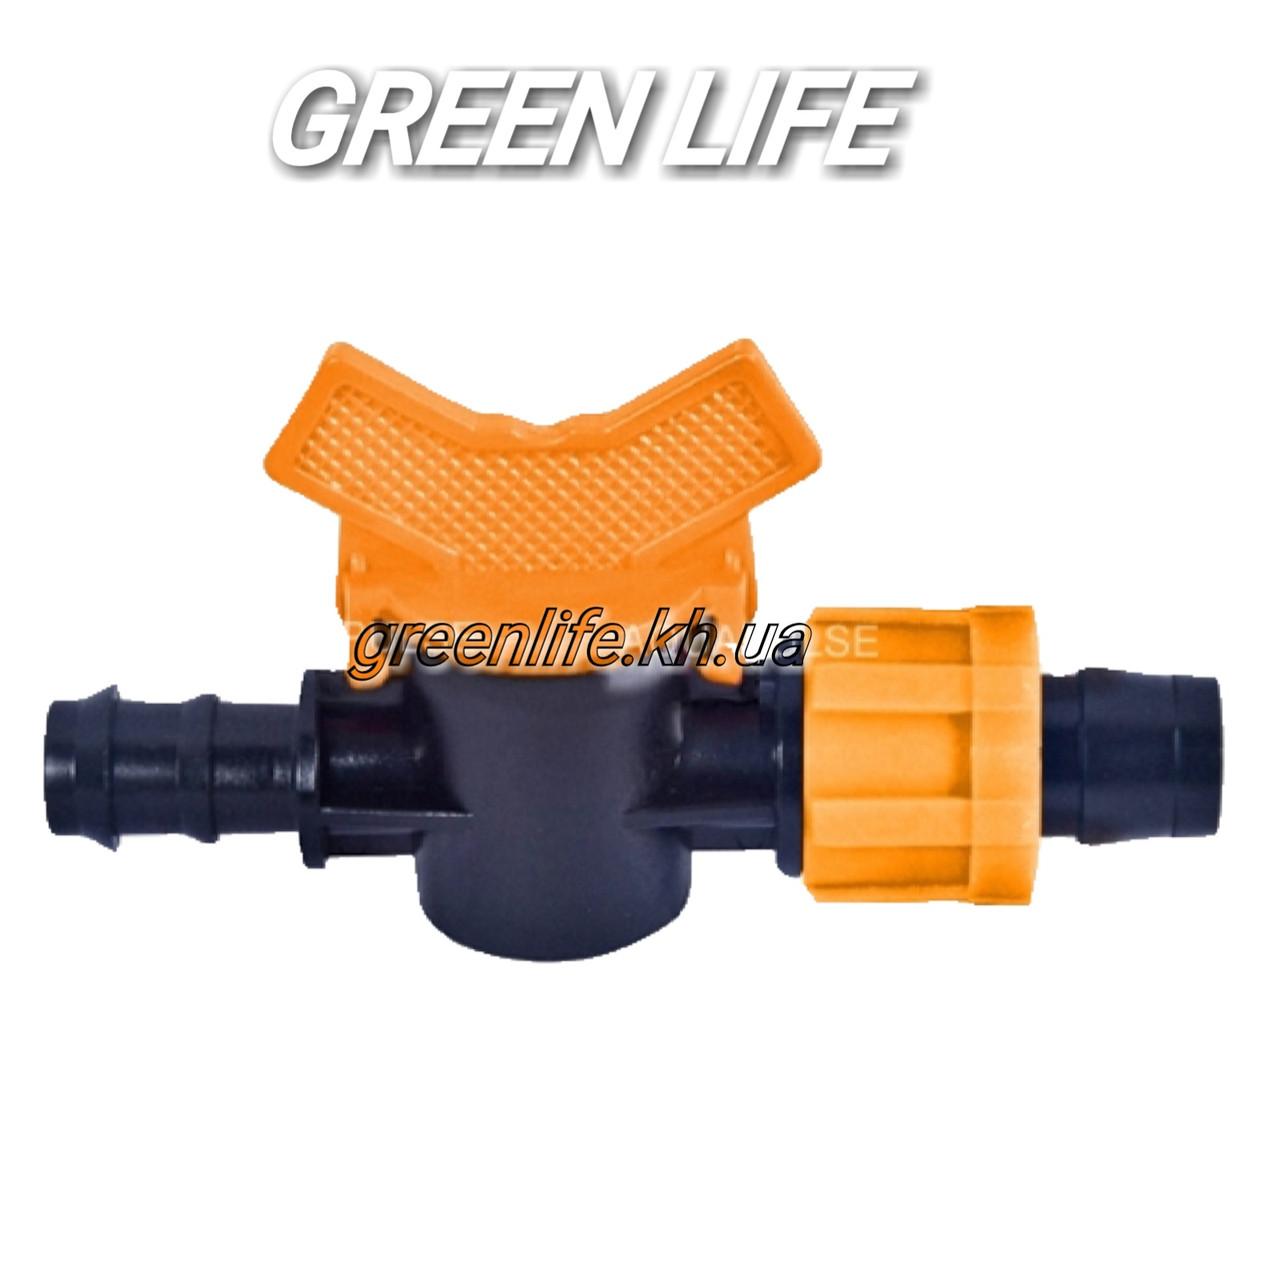 Кран редукционный для капельной ленты Dn 16 и трубки Dn 16 Aquapulse